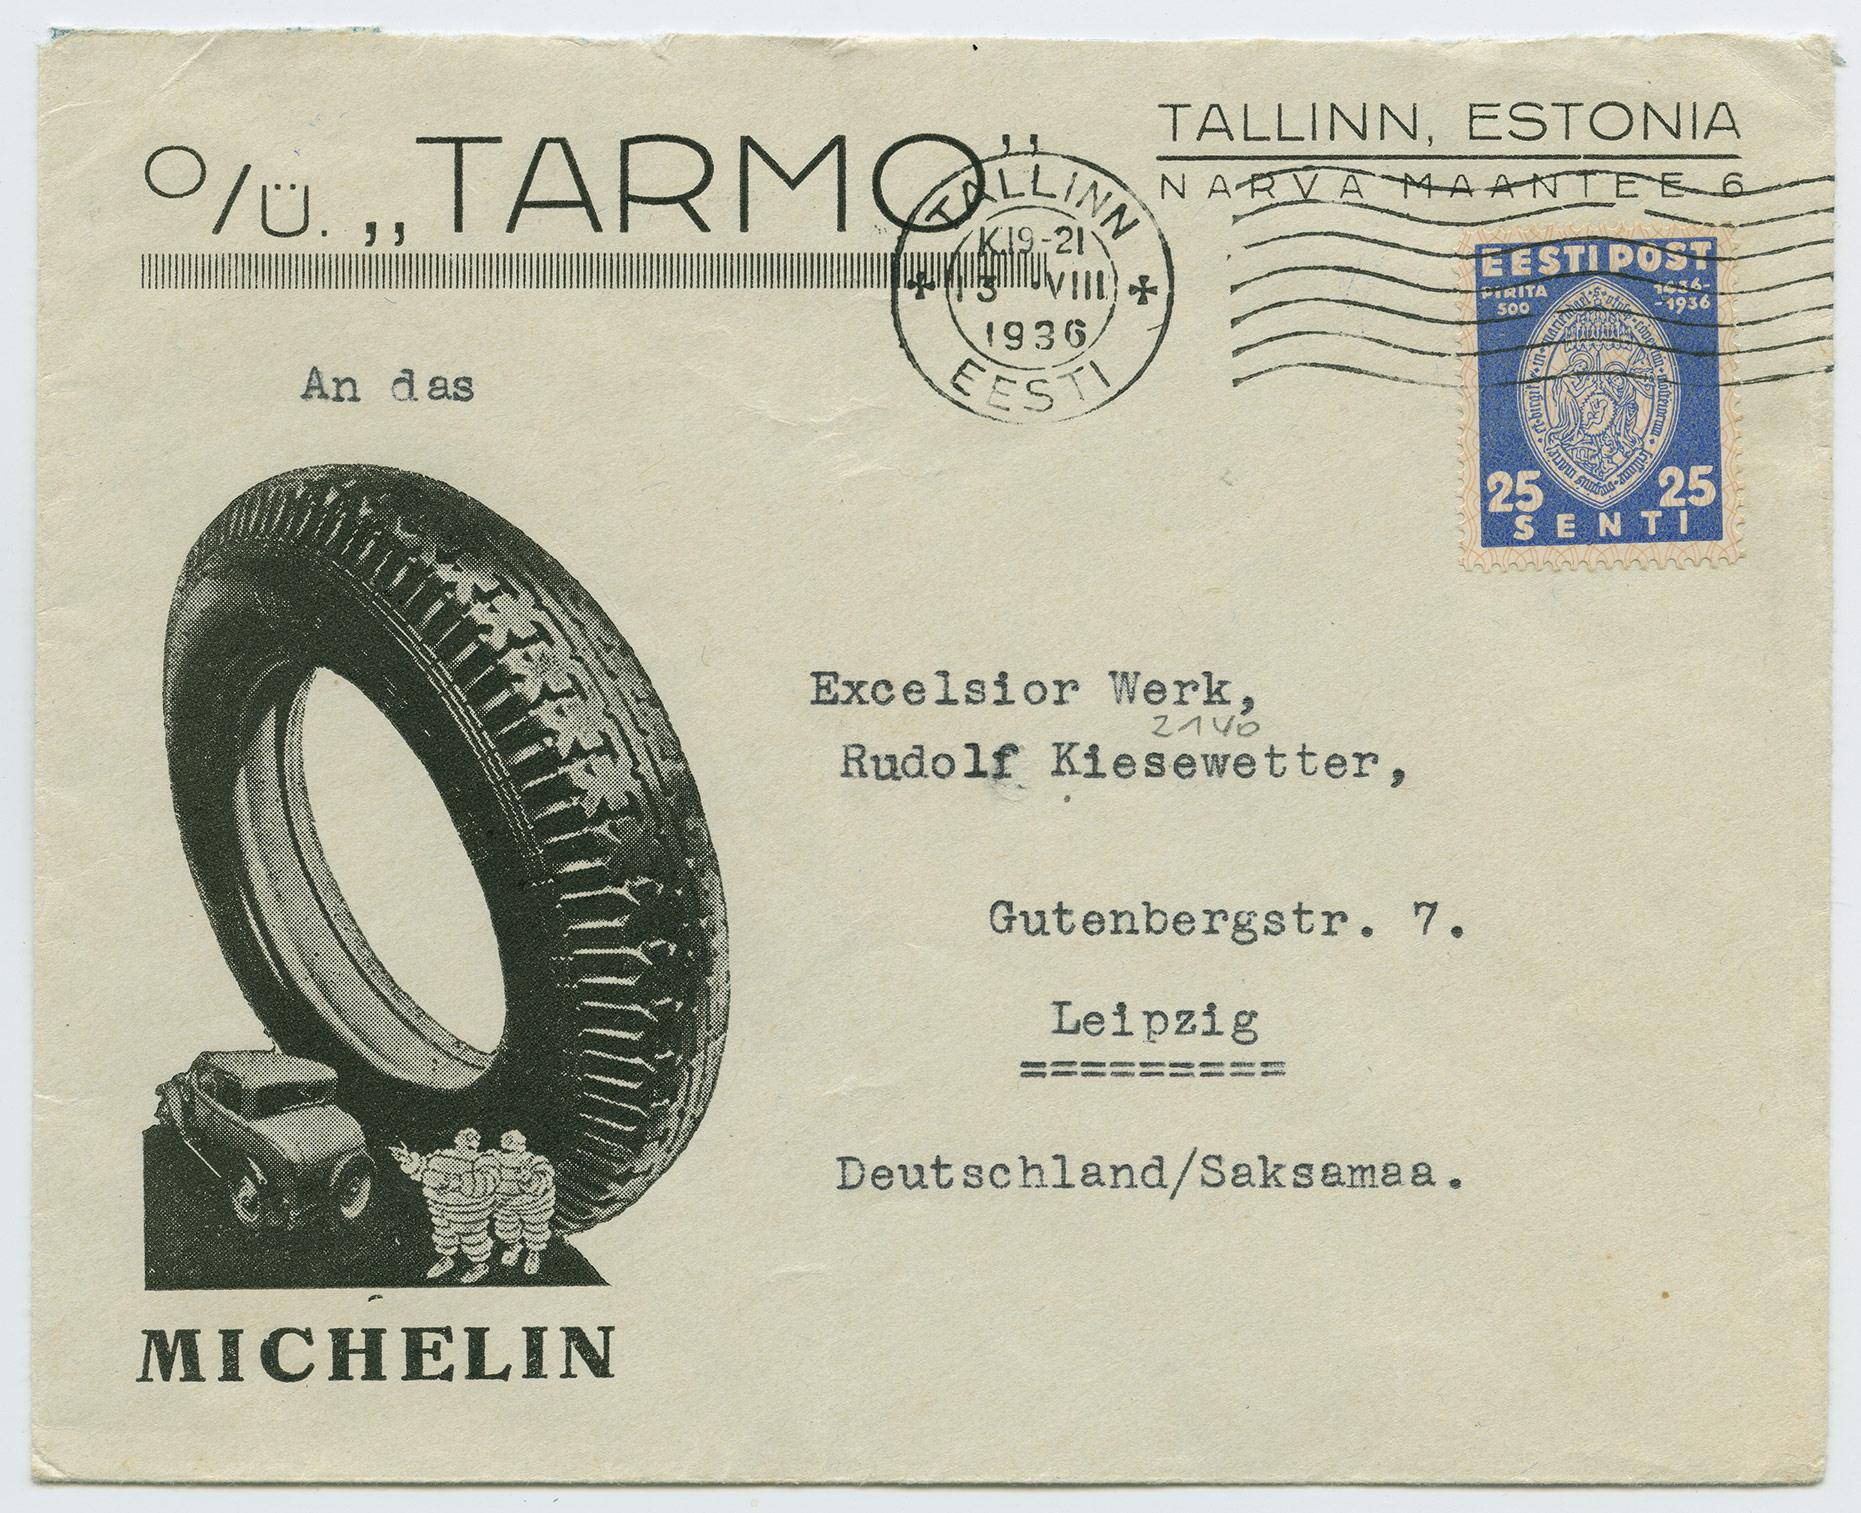 1093-Tallinn-Leipzig-Michelin-Tarmo-reklaamümbrik-1936-postiajalugu-ee